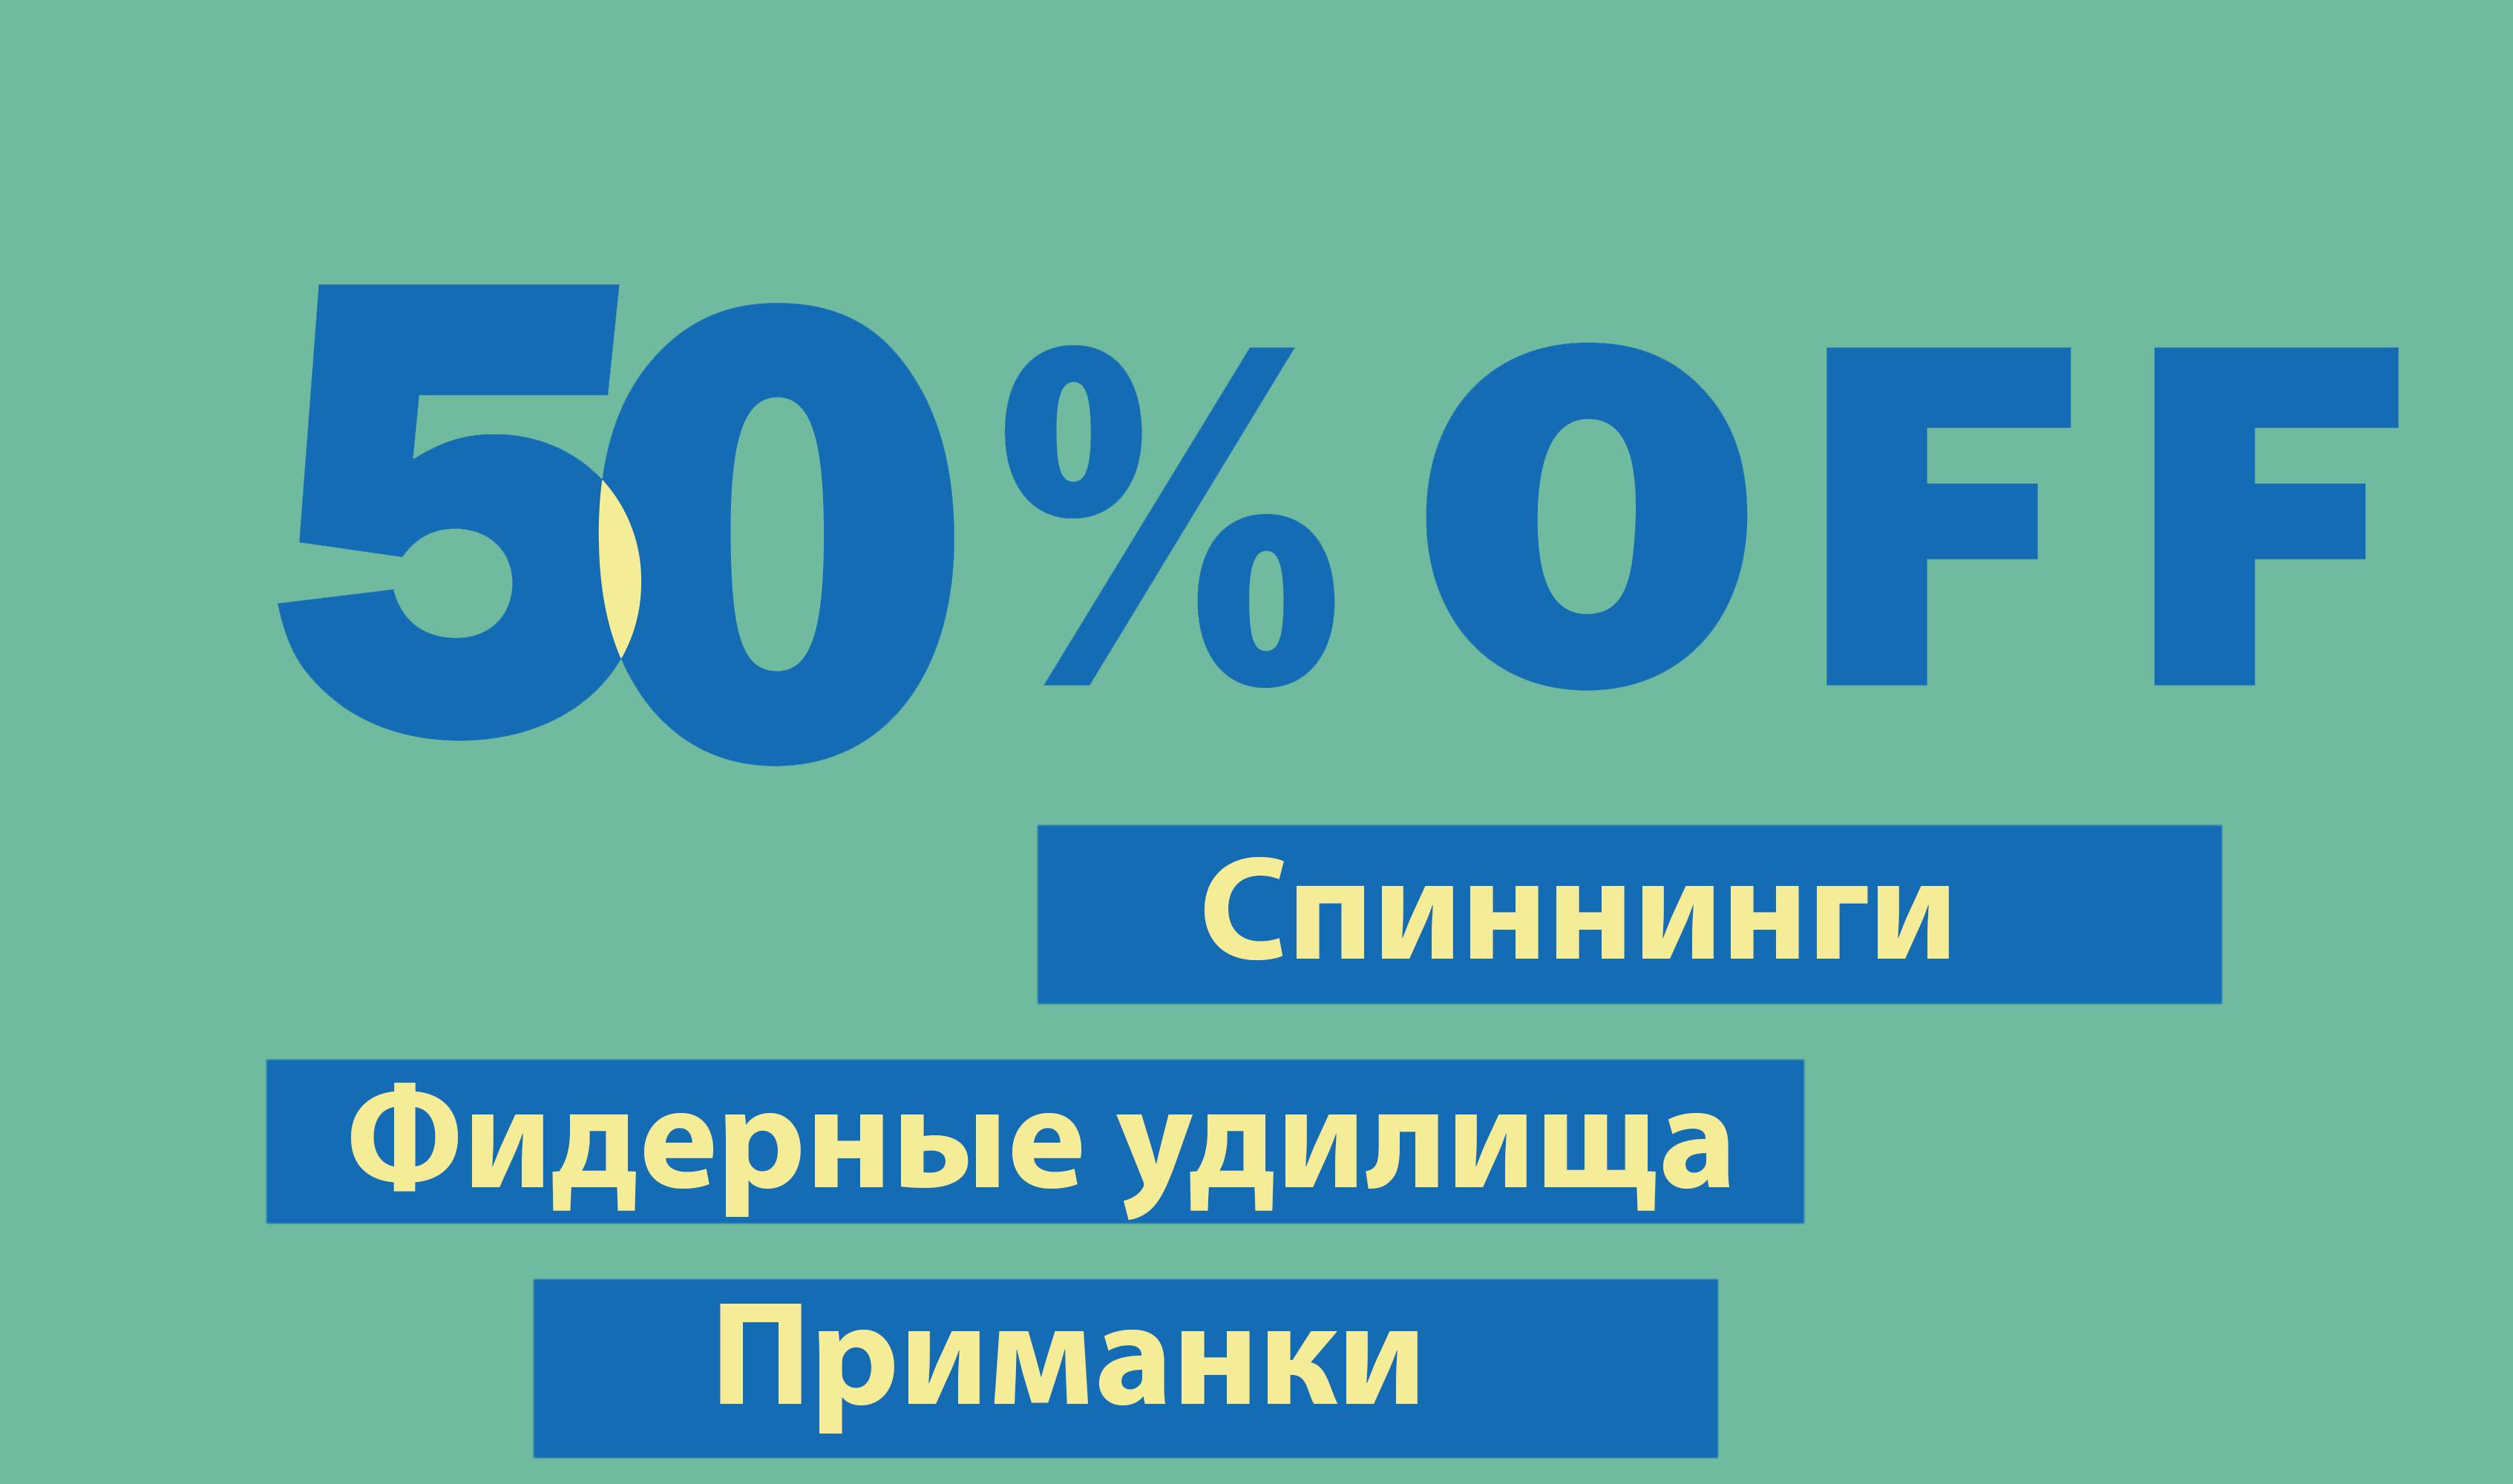 У нас весняна АКЦІЯ! мінус 50% на широкий ряд товарів!